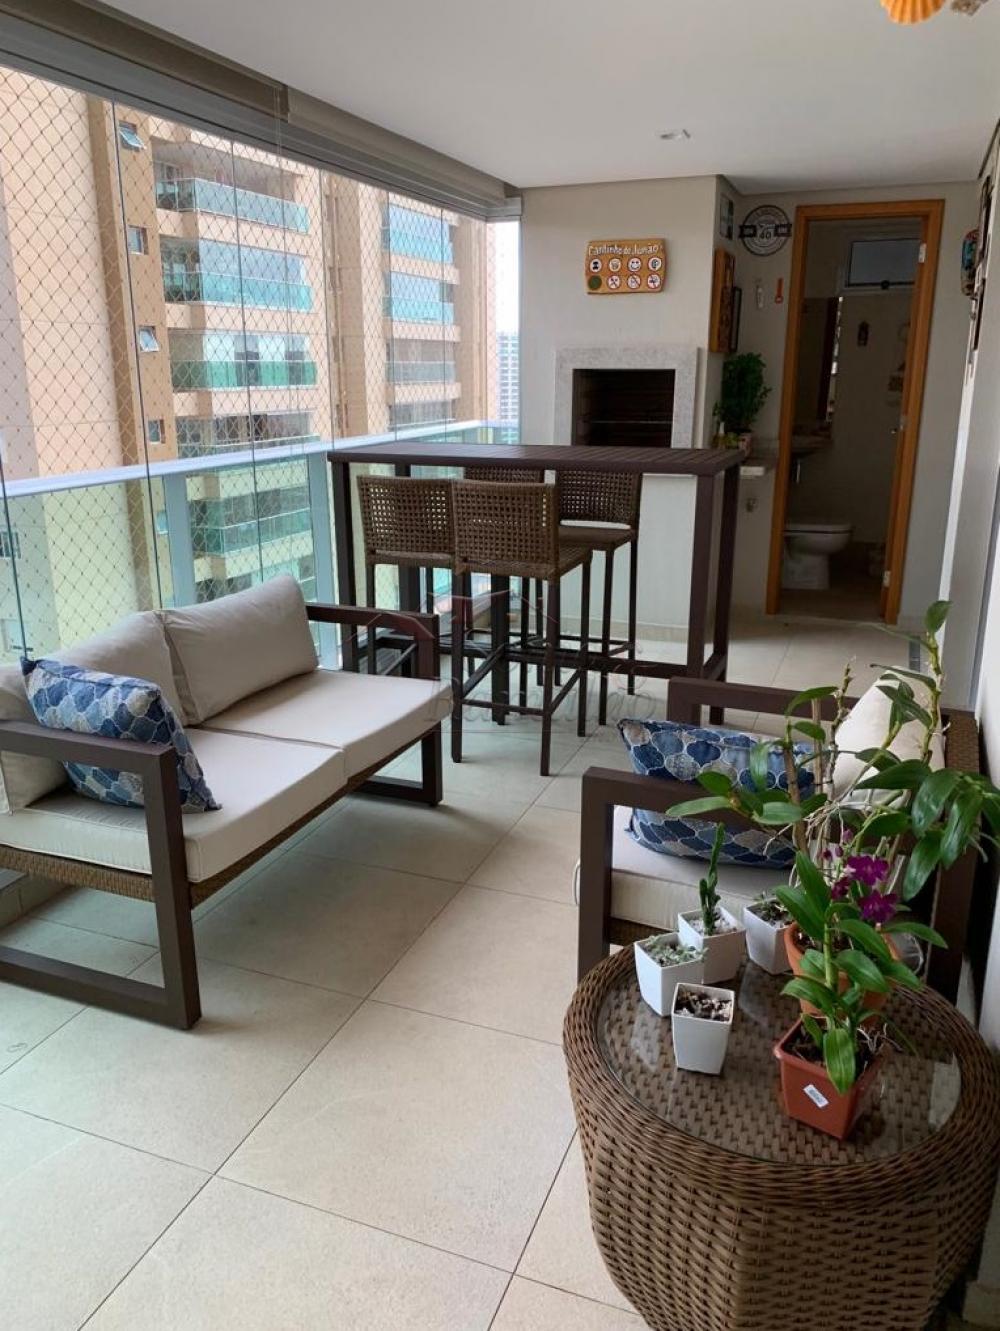 Comprar Apartamentos / Padrão em Ribeirão Preto apenas R$ 660.000,00 - Foto 7